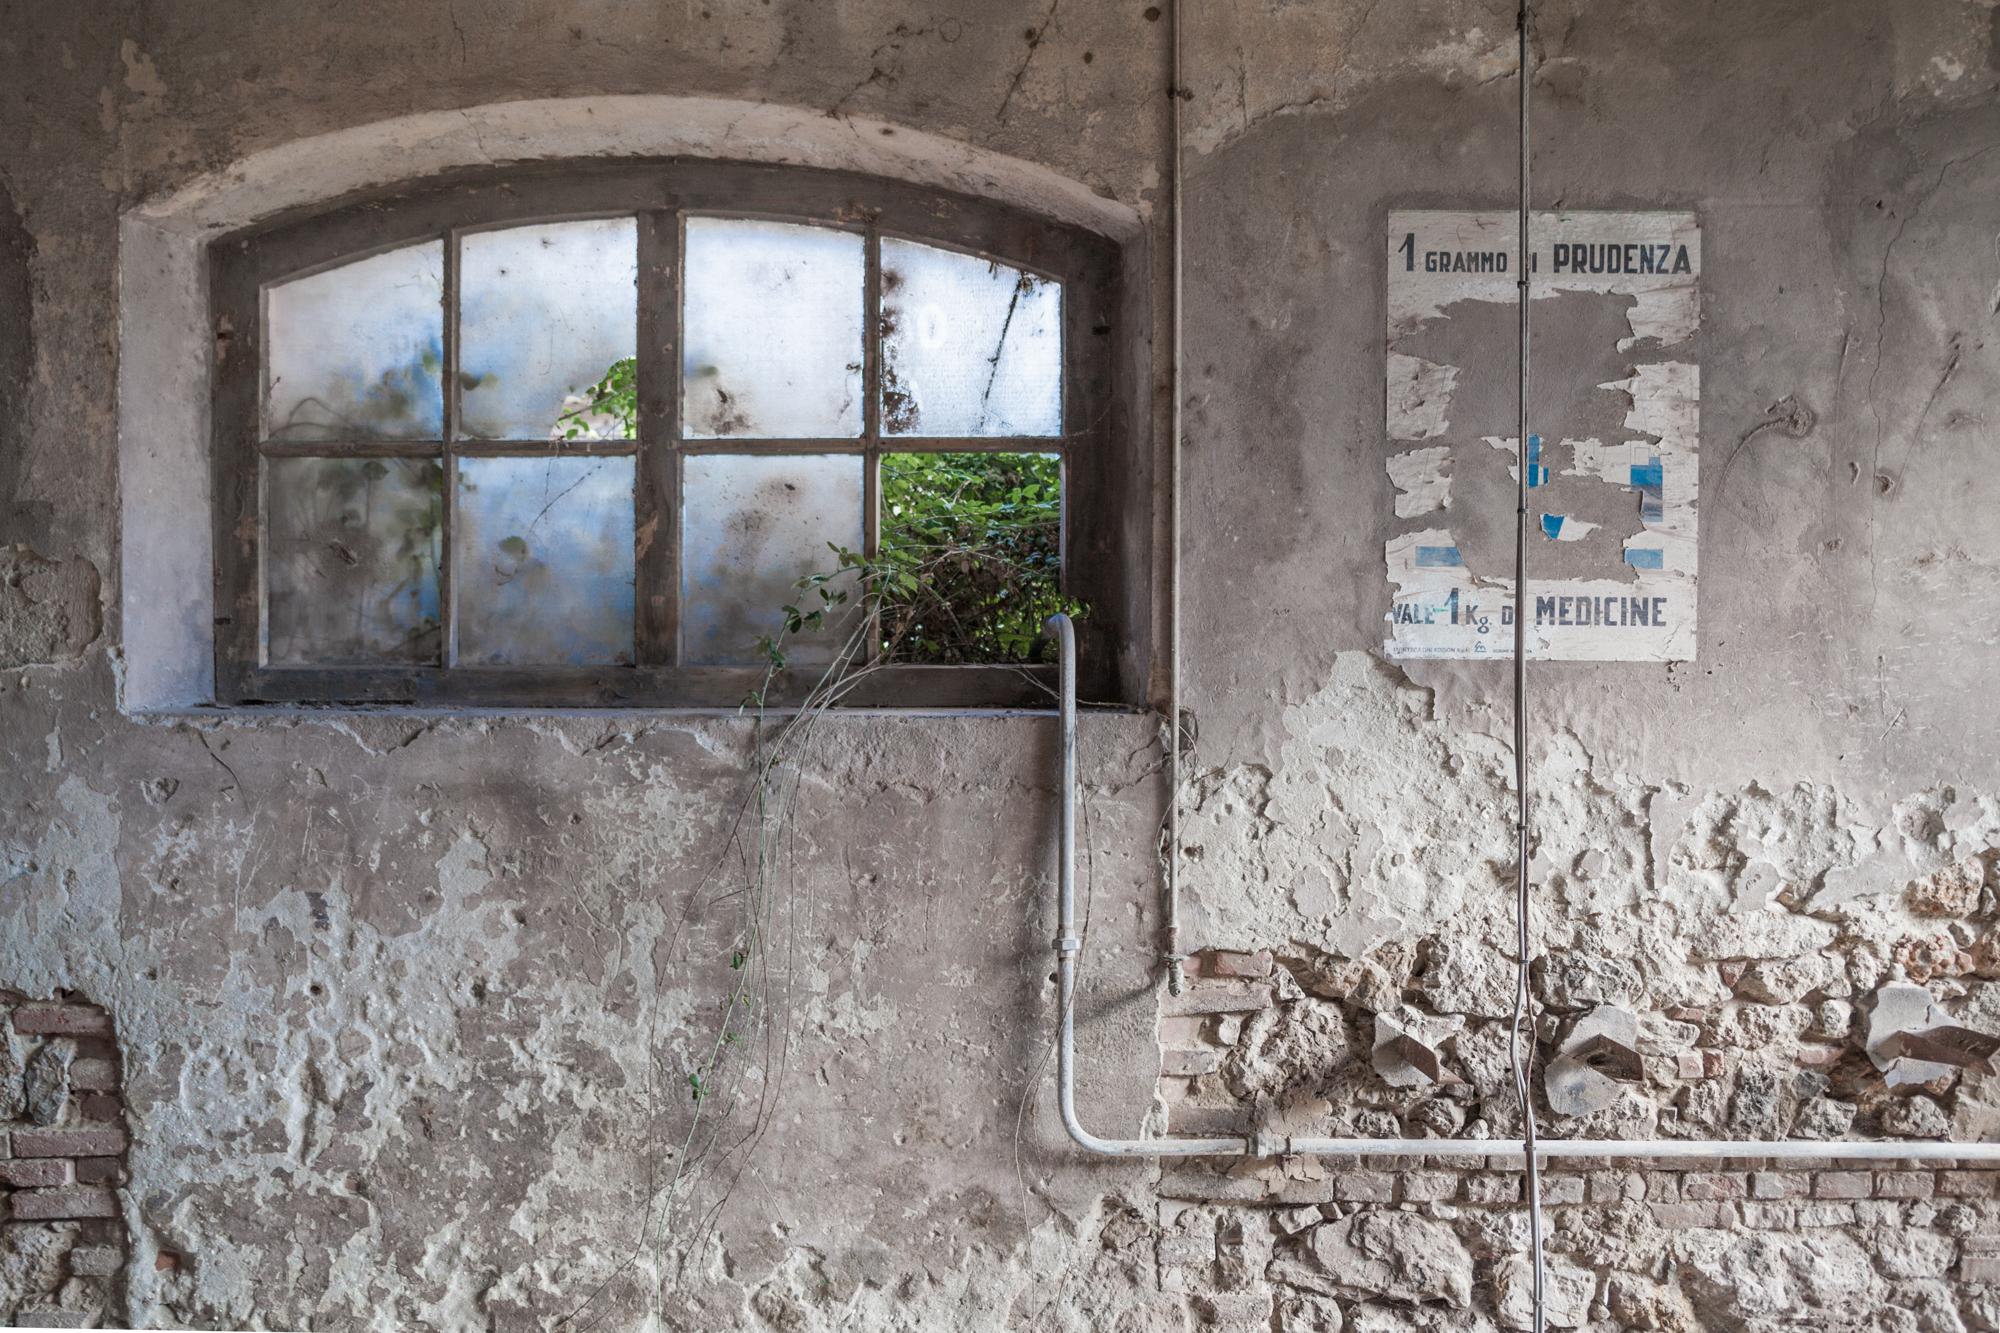 Un grammo di prudenza vale1 Kg di medicine  . Deposito e officina pale meccaniche, poster. S.I.To.Co. Orbetello (Grosseto), 2015.